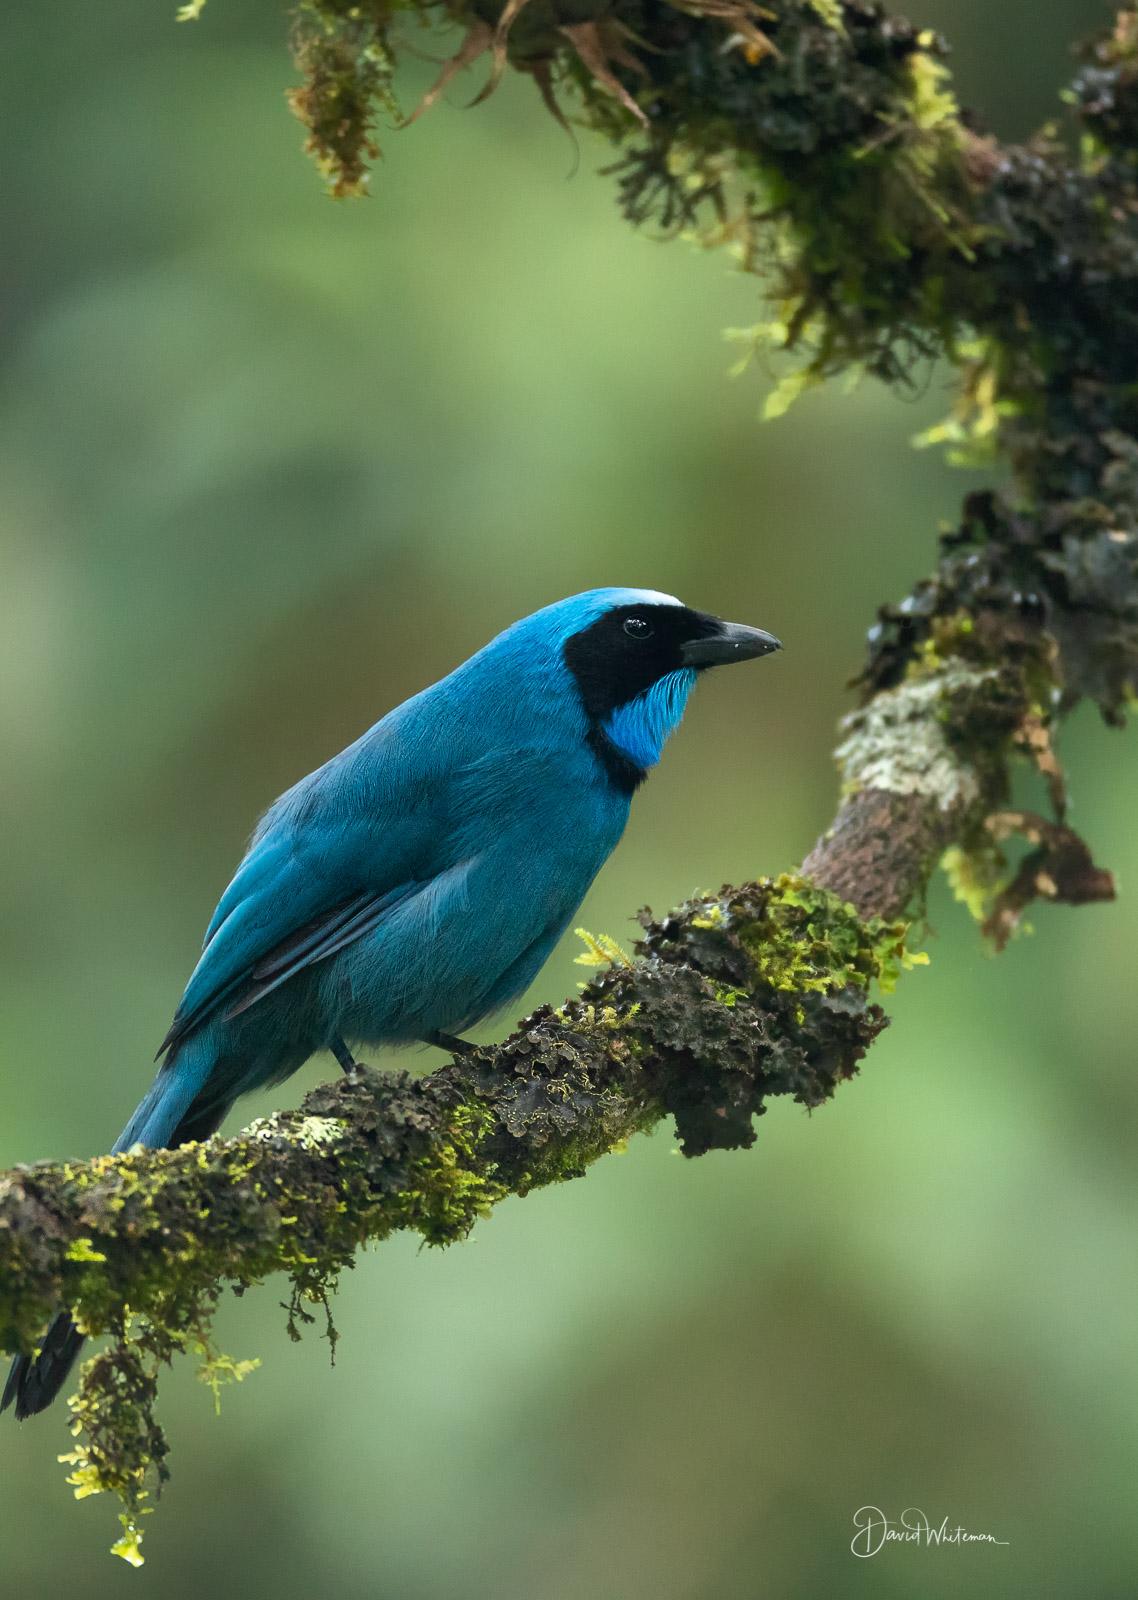 TurquoiseJ Jay